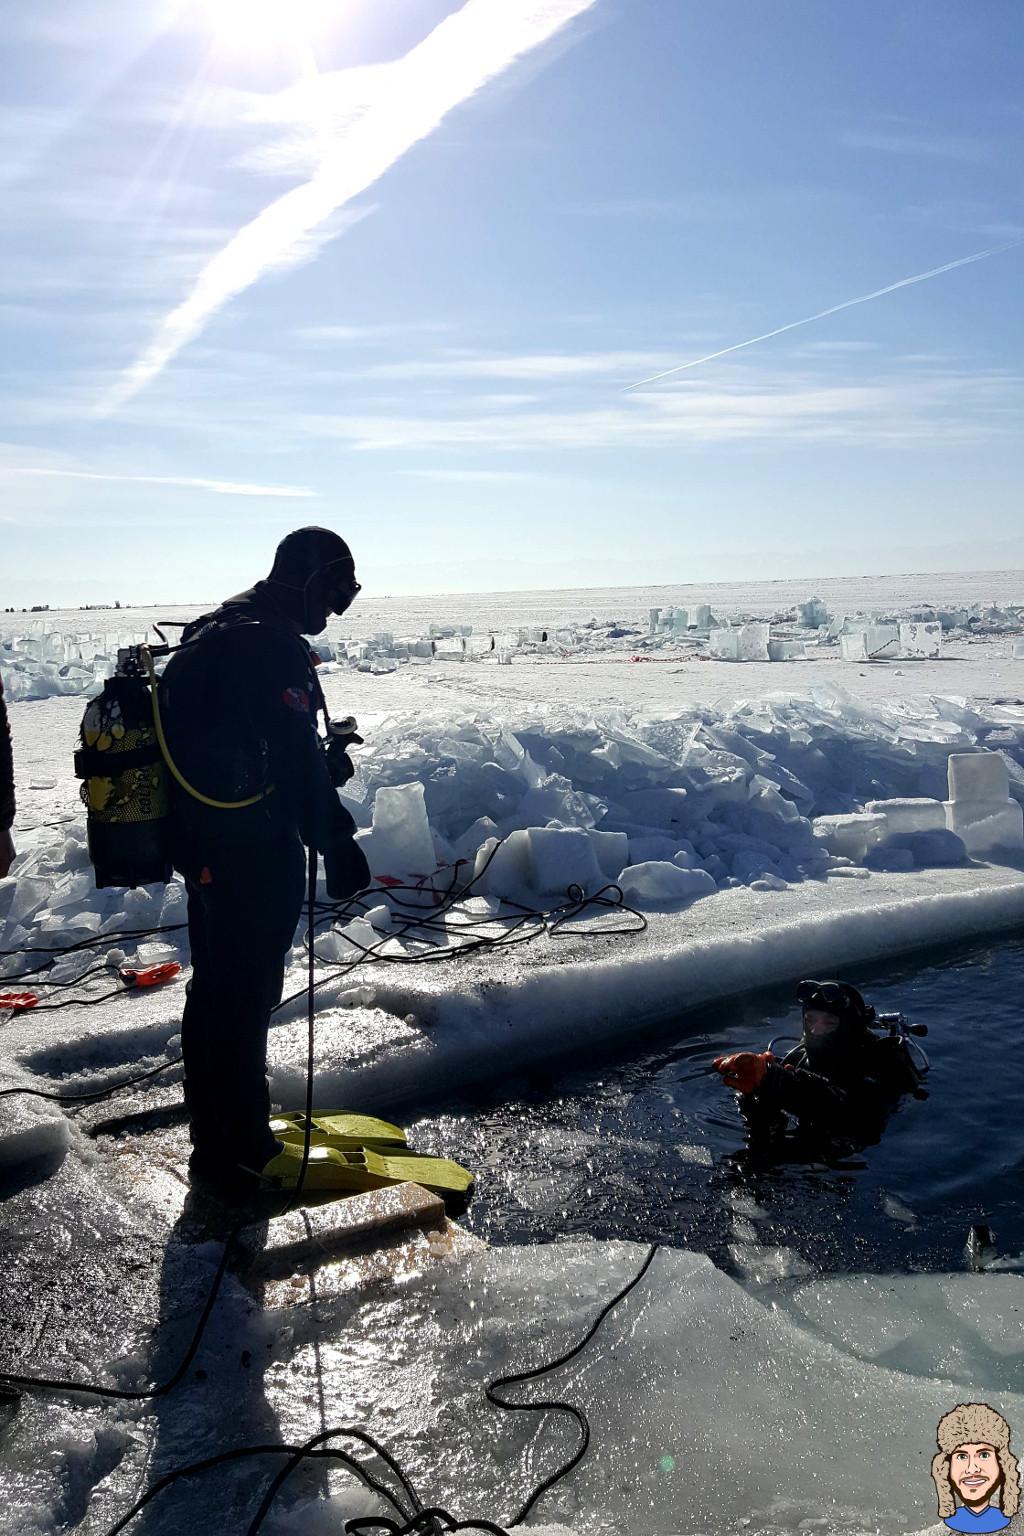 Schwabski beim Einstieg zum Eistauchen unter dem Baikalsee